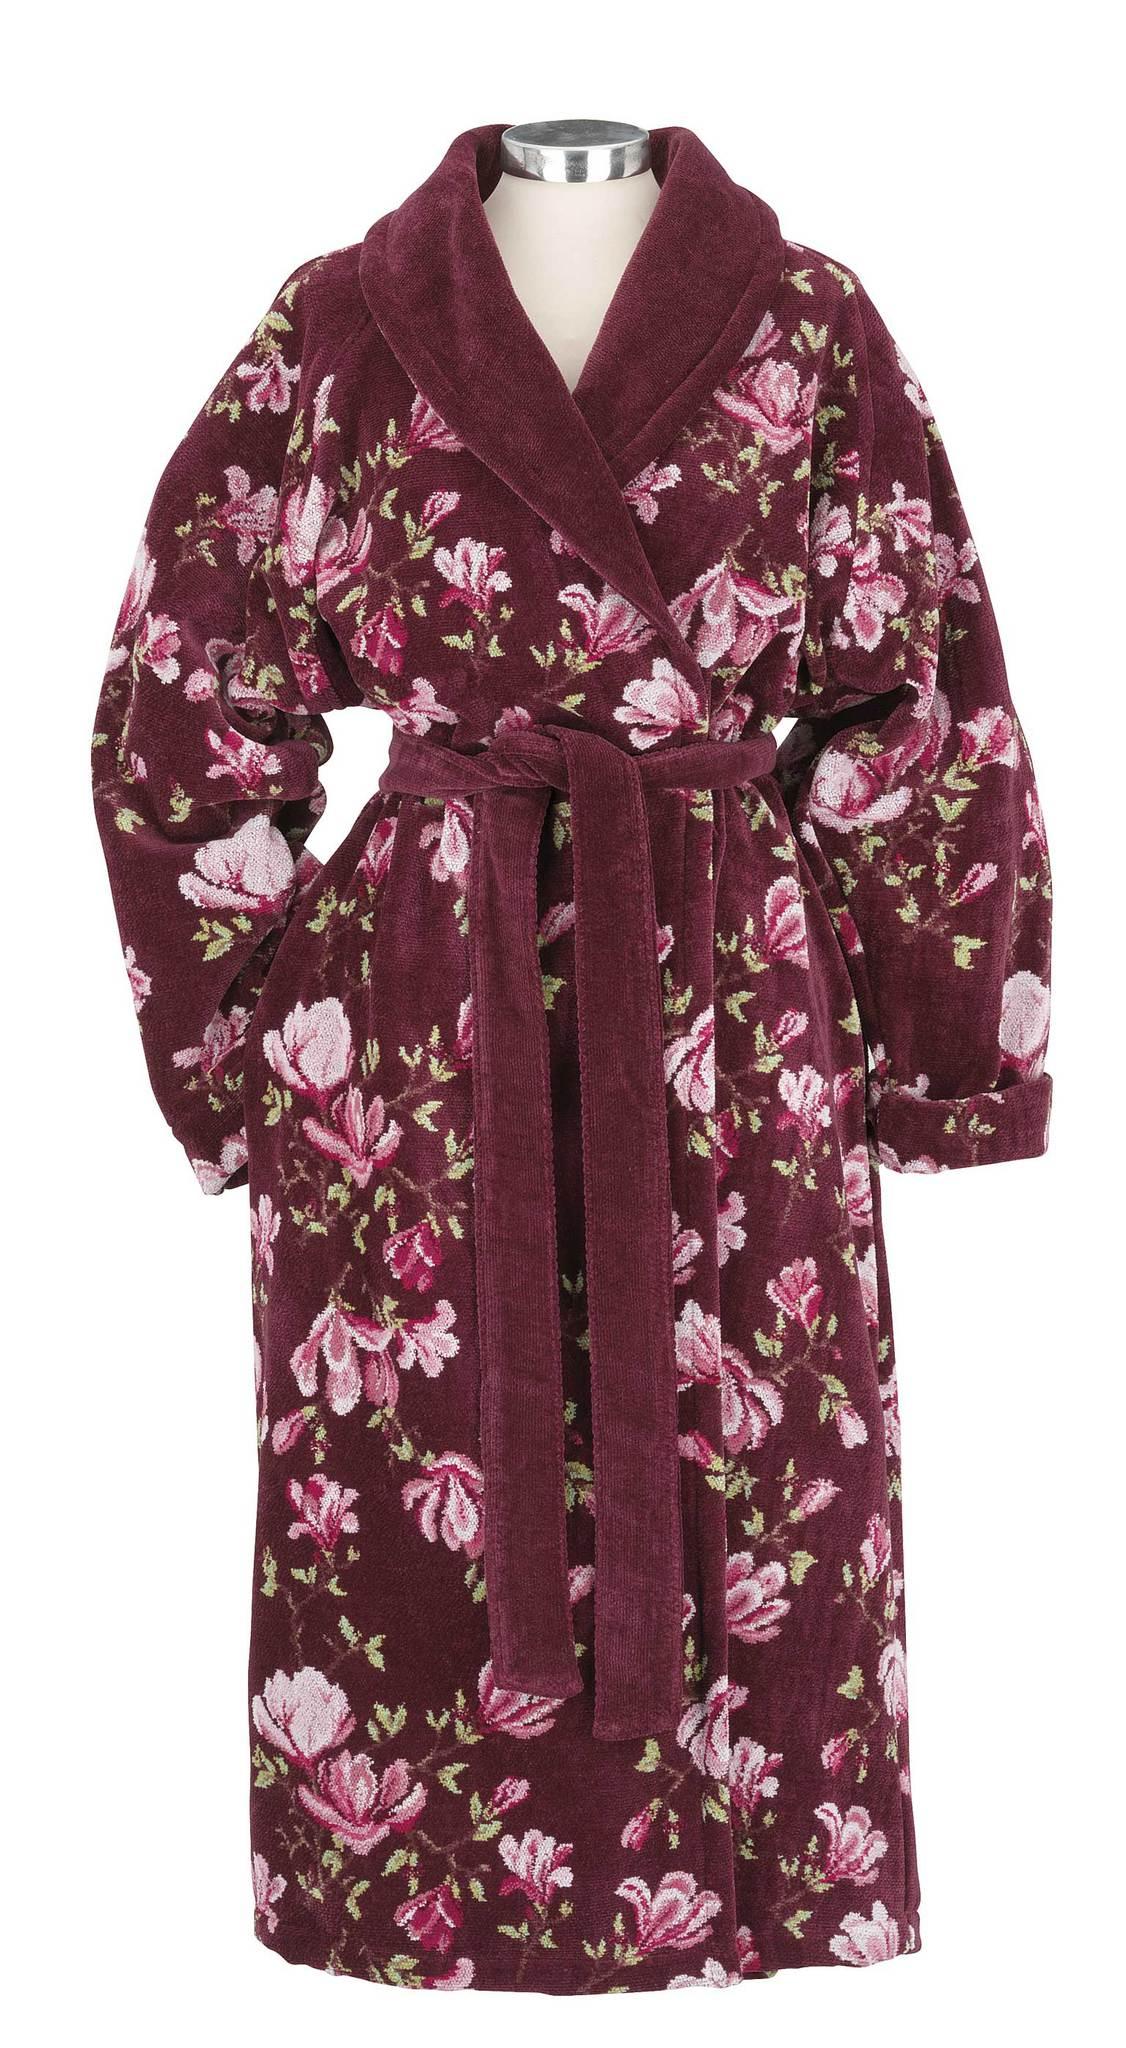 Элитный халат шенилловый Magnolia Gracia 114 weinrot от Feiler